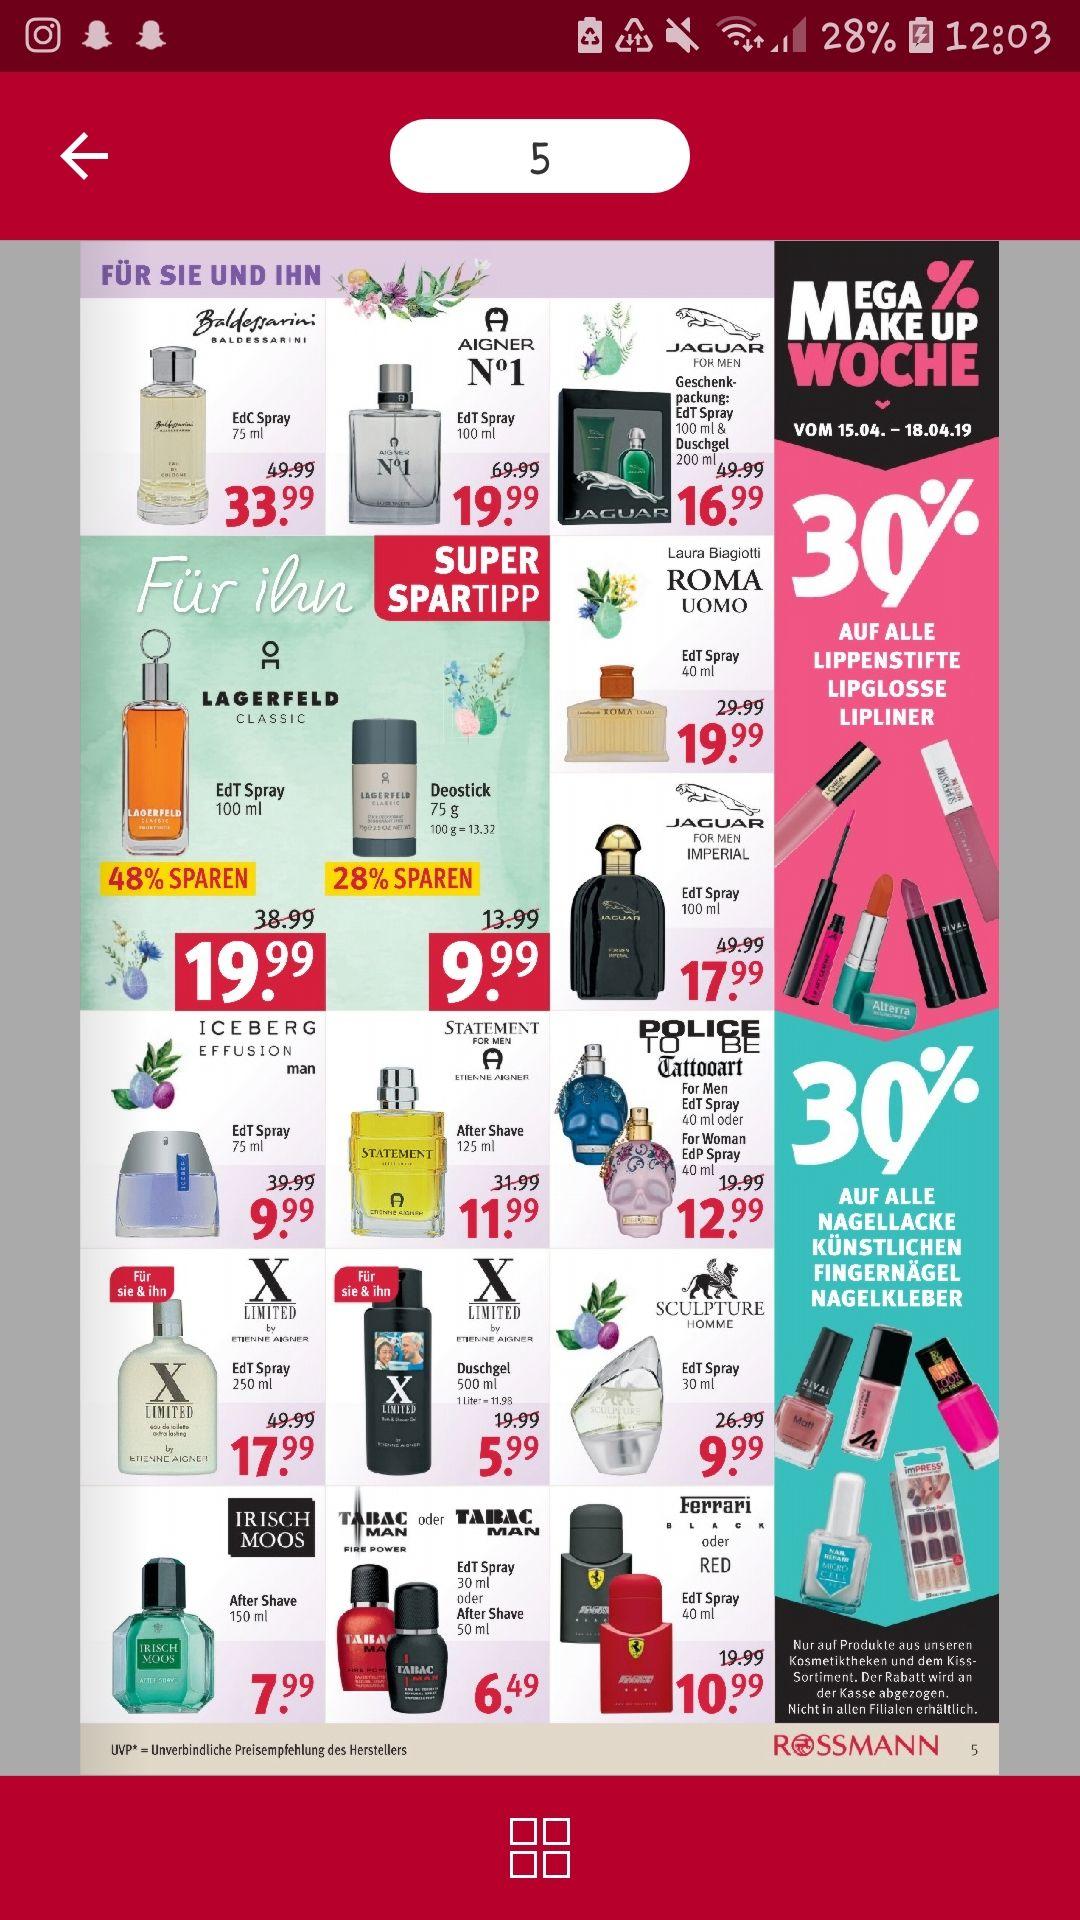 -30% bei Rossmann, mega Makeup Wochende